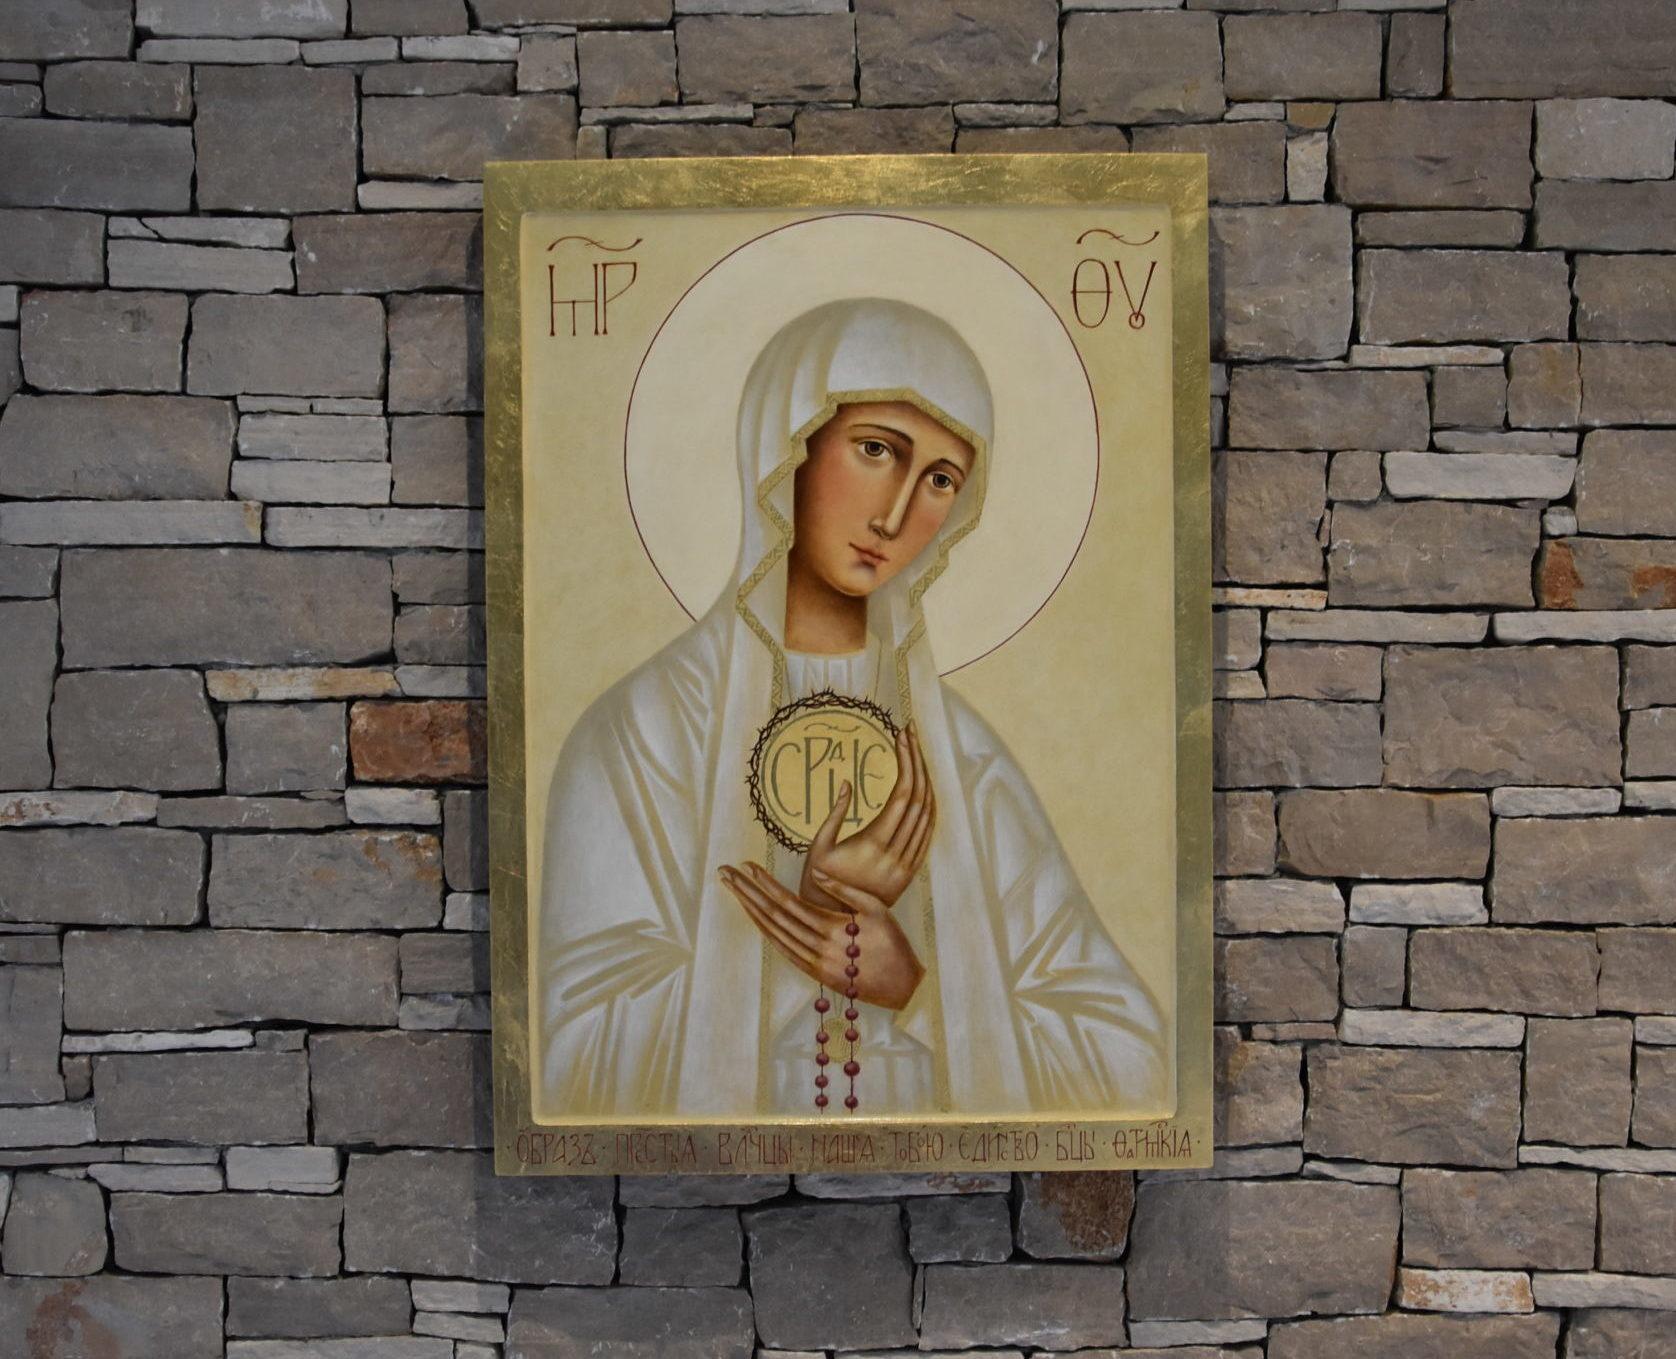 Slávnostné ukončenie 33-dňových duchovných cvičení – zasvätenia sa Ježišovi prostredníctvom Panny Márie 6. júna 2020